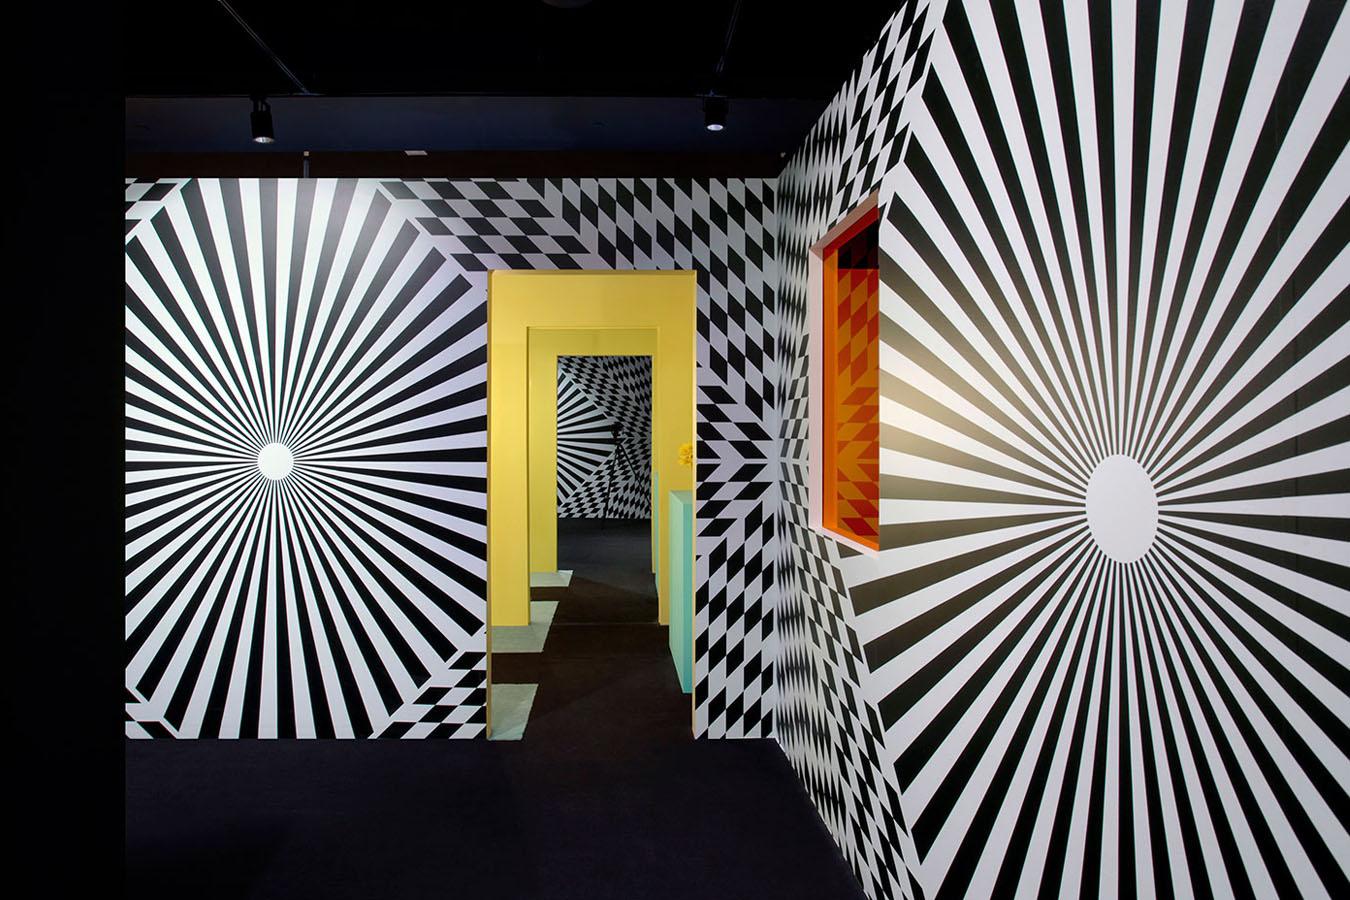 Los patrones en blanco y negro generan ilusiones ópticas.